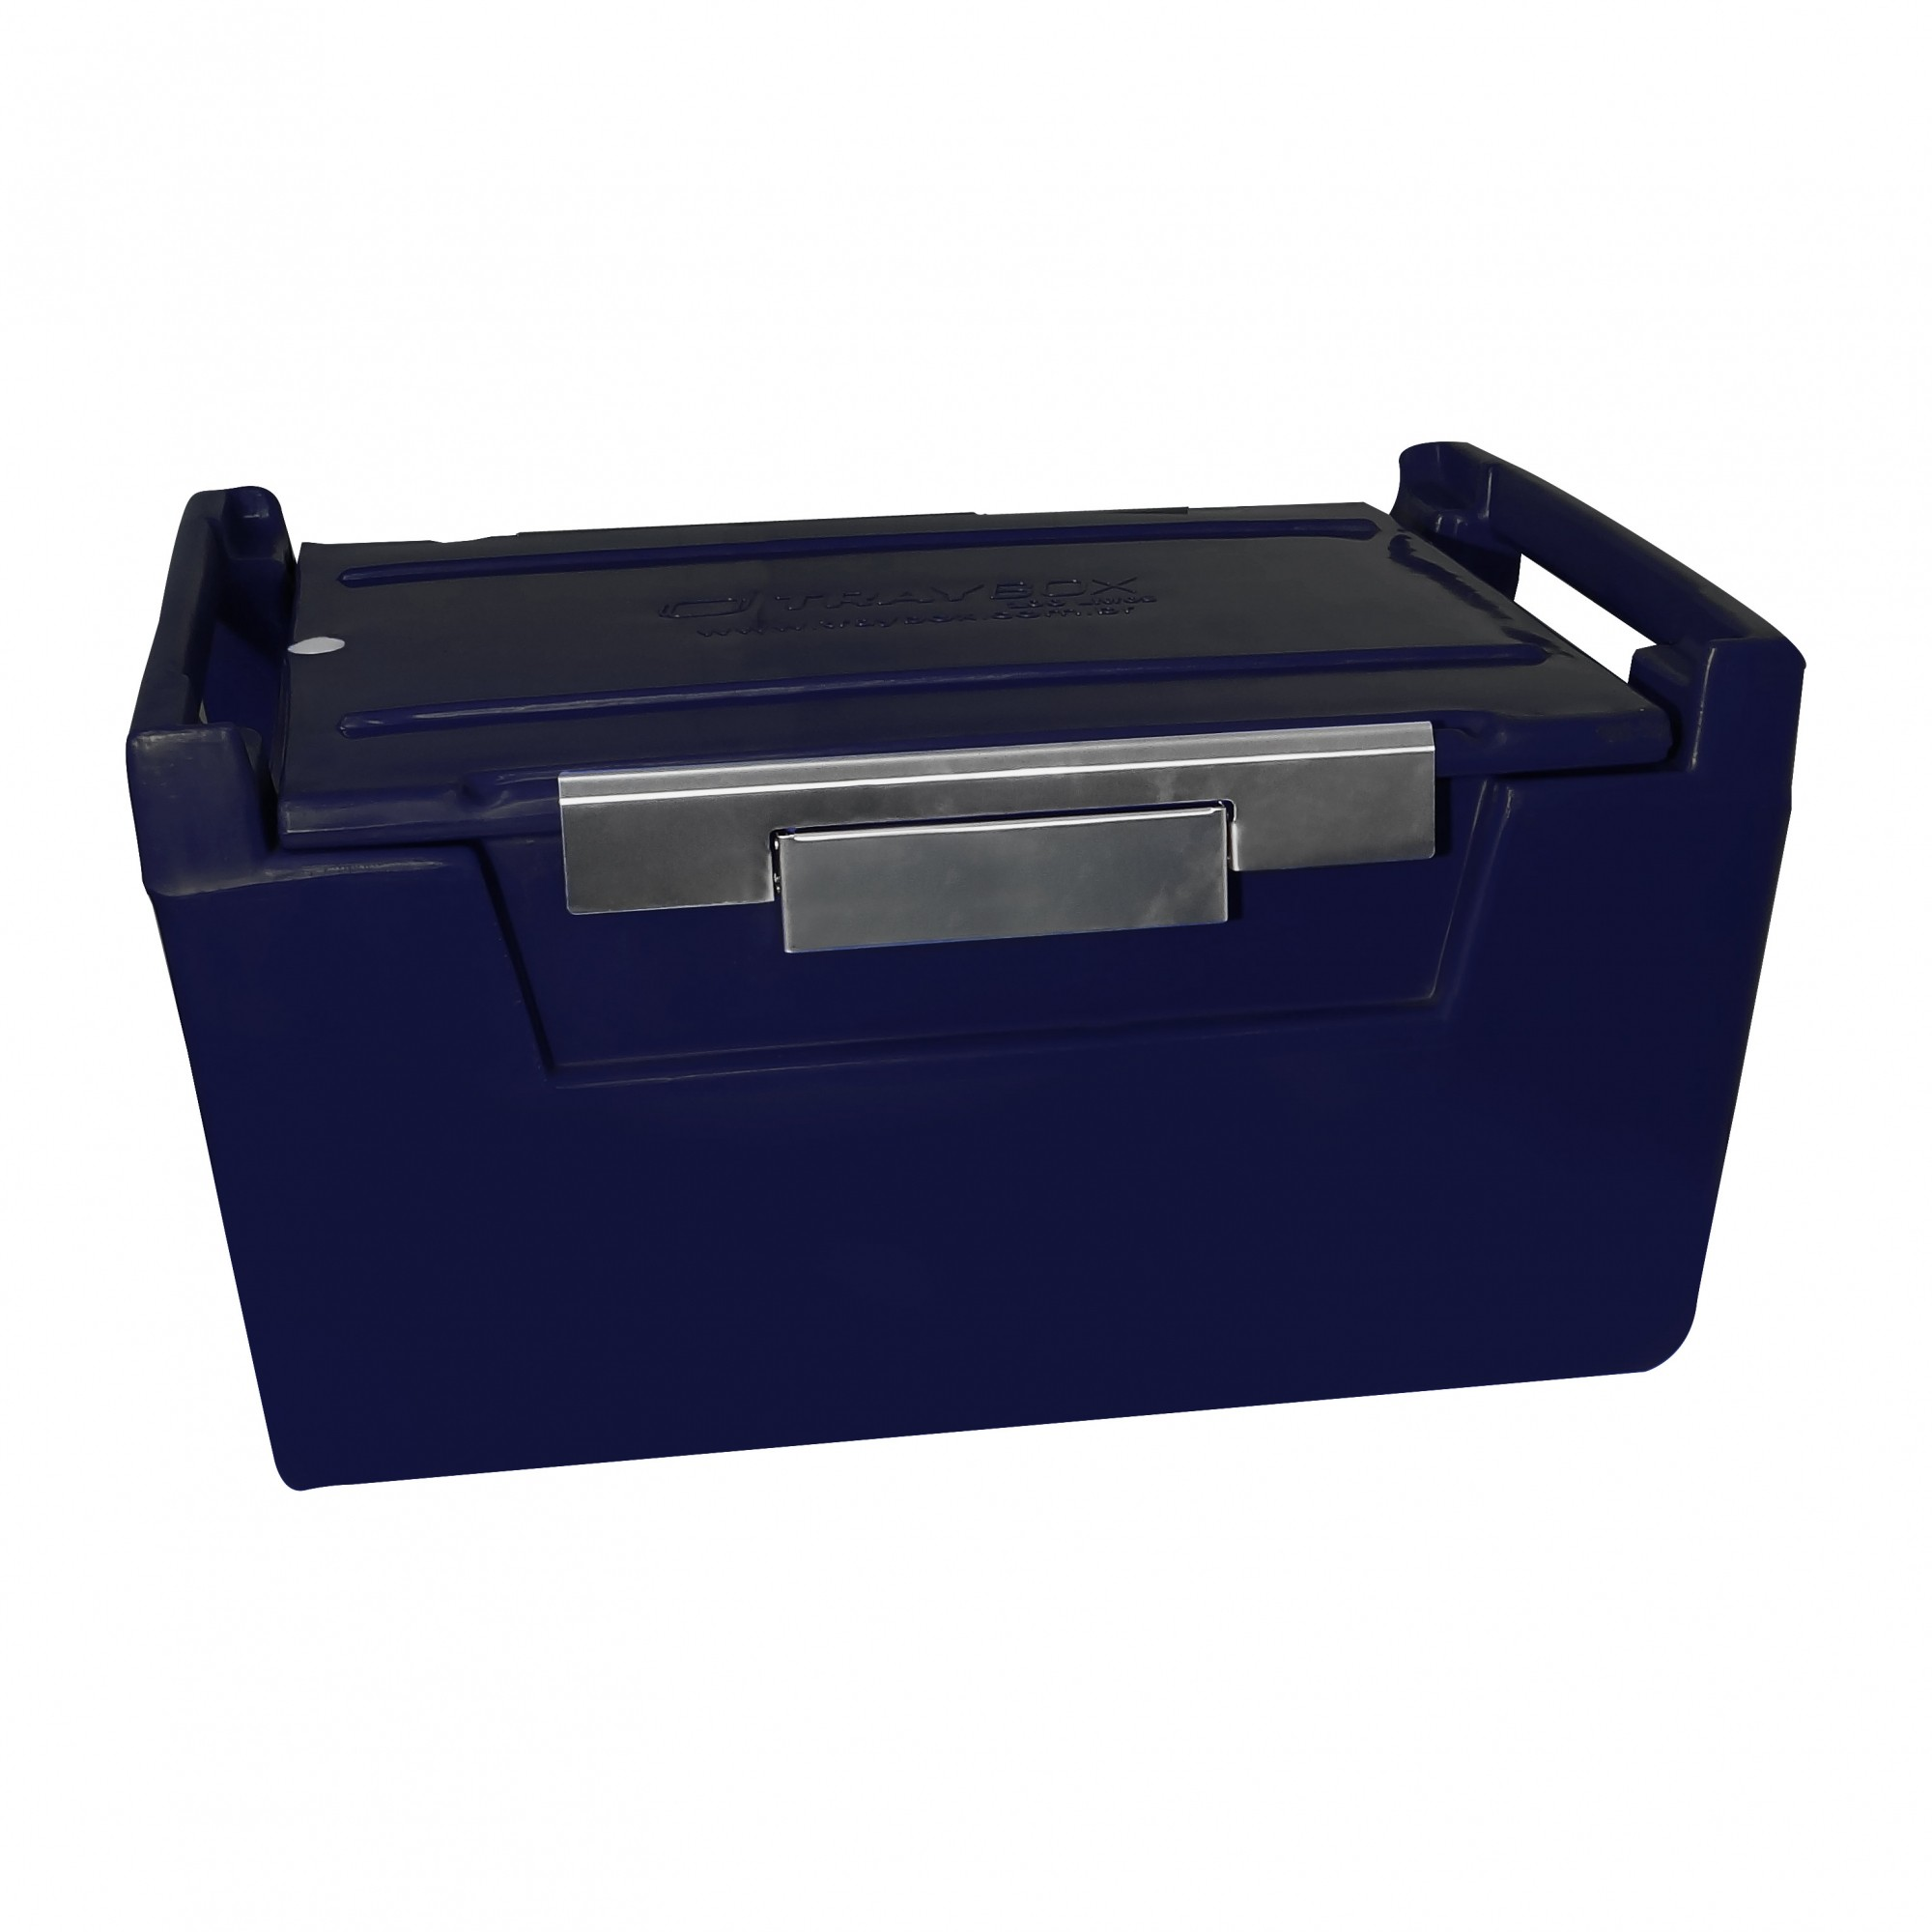 Caixa Térmica Hot Box de 100 Litros de Polietileno para Alimentos Quentes